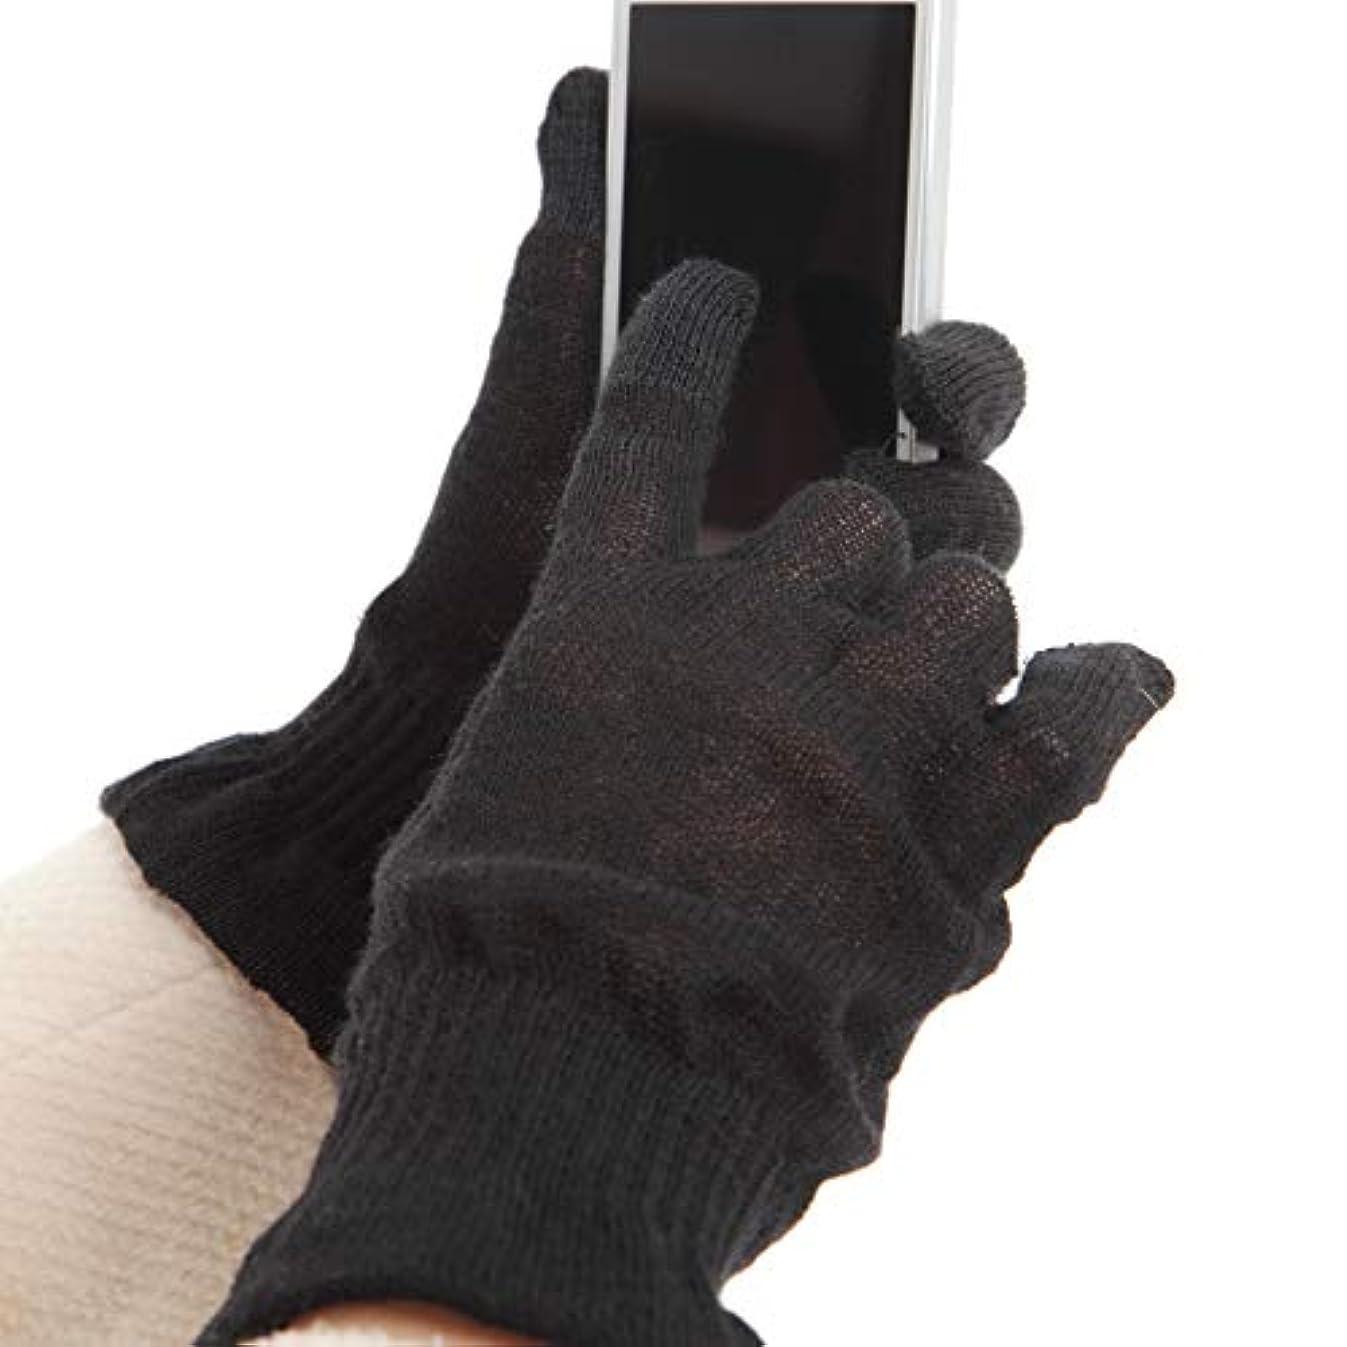 問い合わせる普及白菜麻福 ヘンプ おやすみ 手袋 スマホ対応 男性用 L 黒 (ブラック) 天然 ヘンプ素材 (麻) タッチパネル スマートフォン対応 肌に優しい 乾燥対策